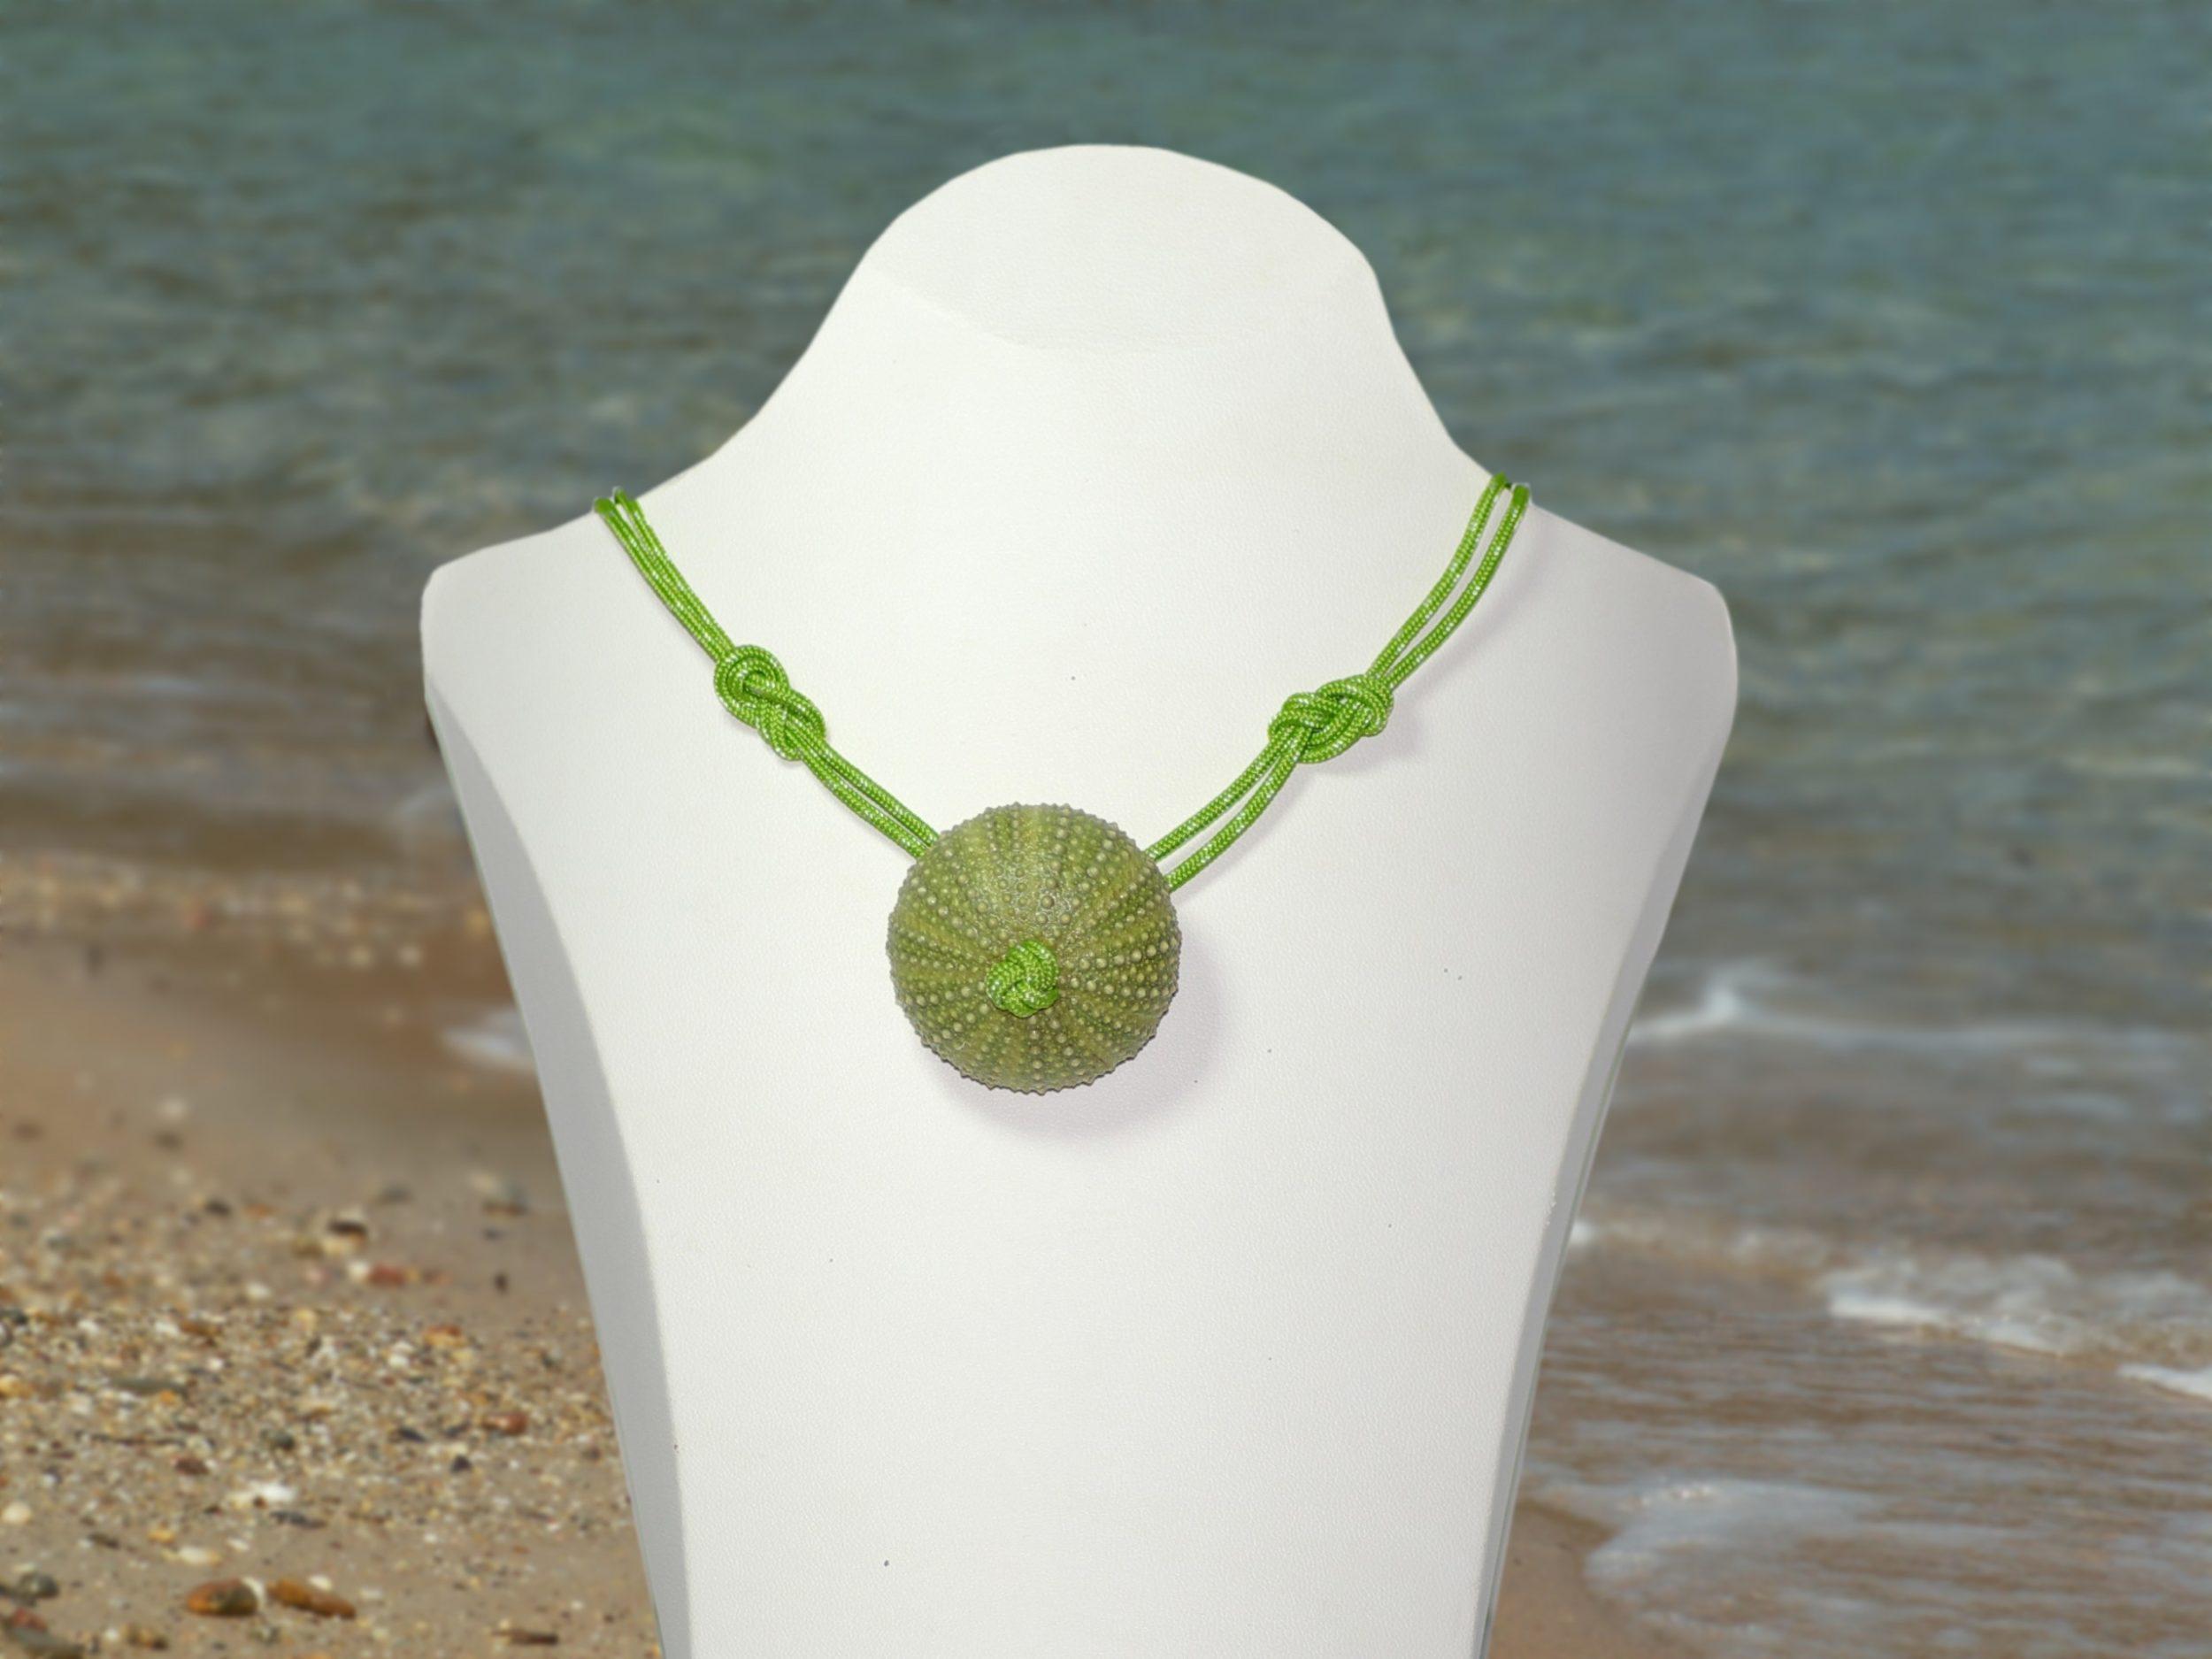 collier oursin vert et corde verte, photo sur fond de plage